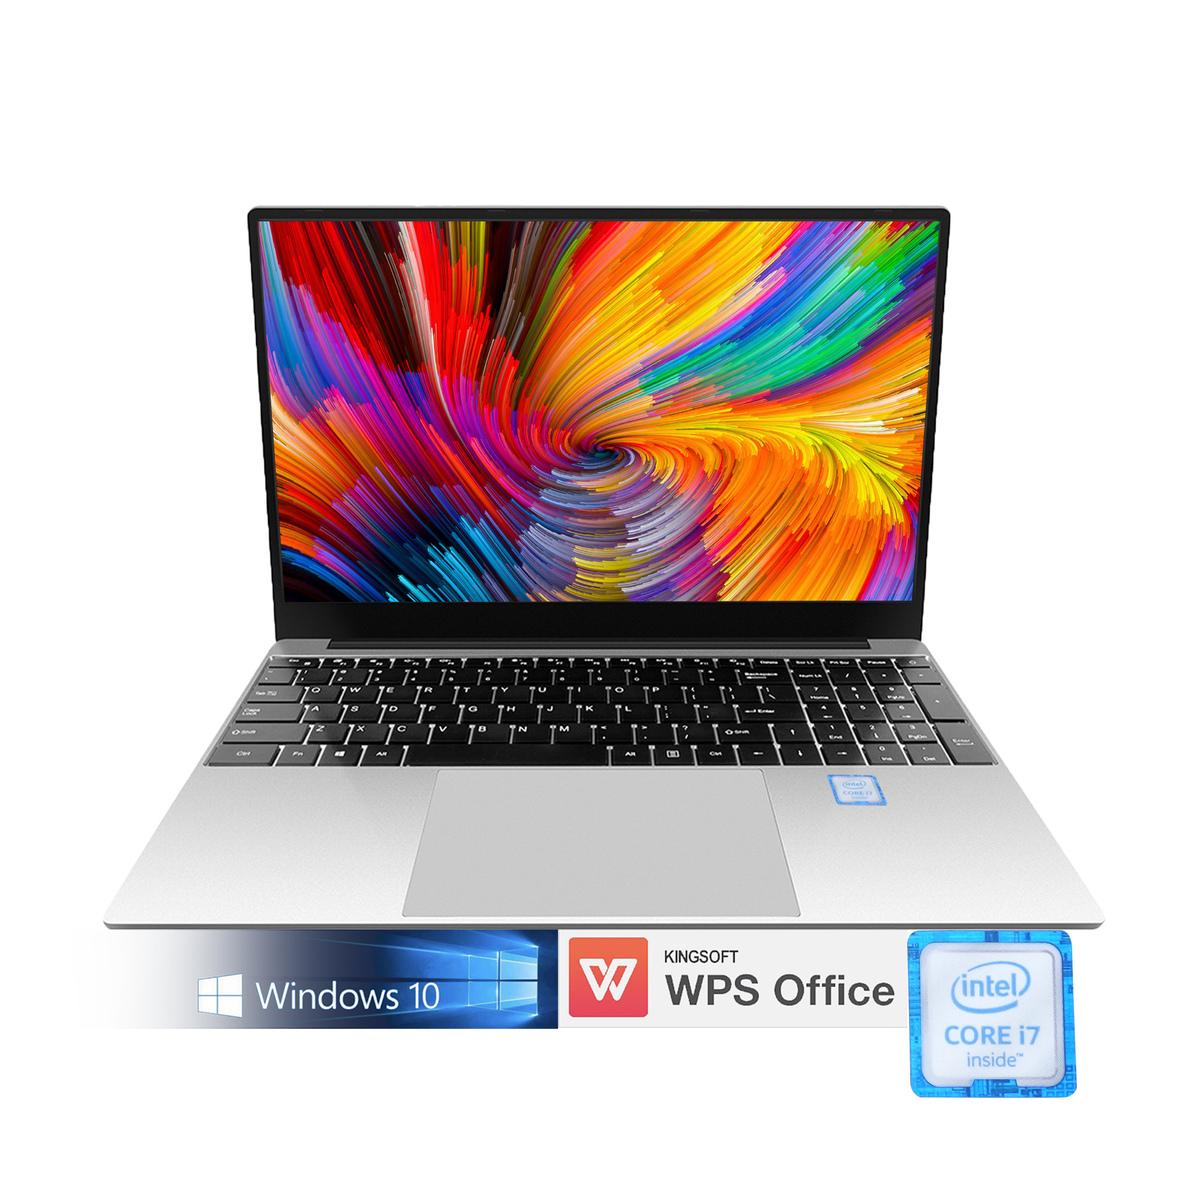 ★新品★【Windows10搭載】【Office搭載】本社オリジナルモデルインテルCore office i7-5500(4コア)/メモリー:8GB/高速SSD:128GB)/IPS広視野角15.6型フルHD液晶/Webカメラ/10キー/USB インストール済み 3.0/miniHDMI/無線機能/Bluetooth/超軽量大容量バッテリー搭載/WPS